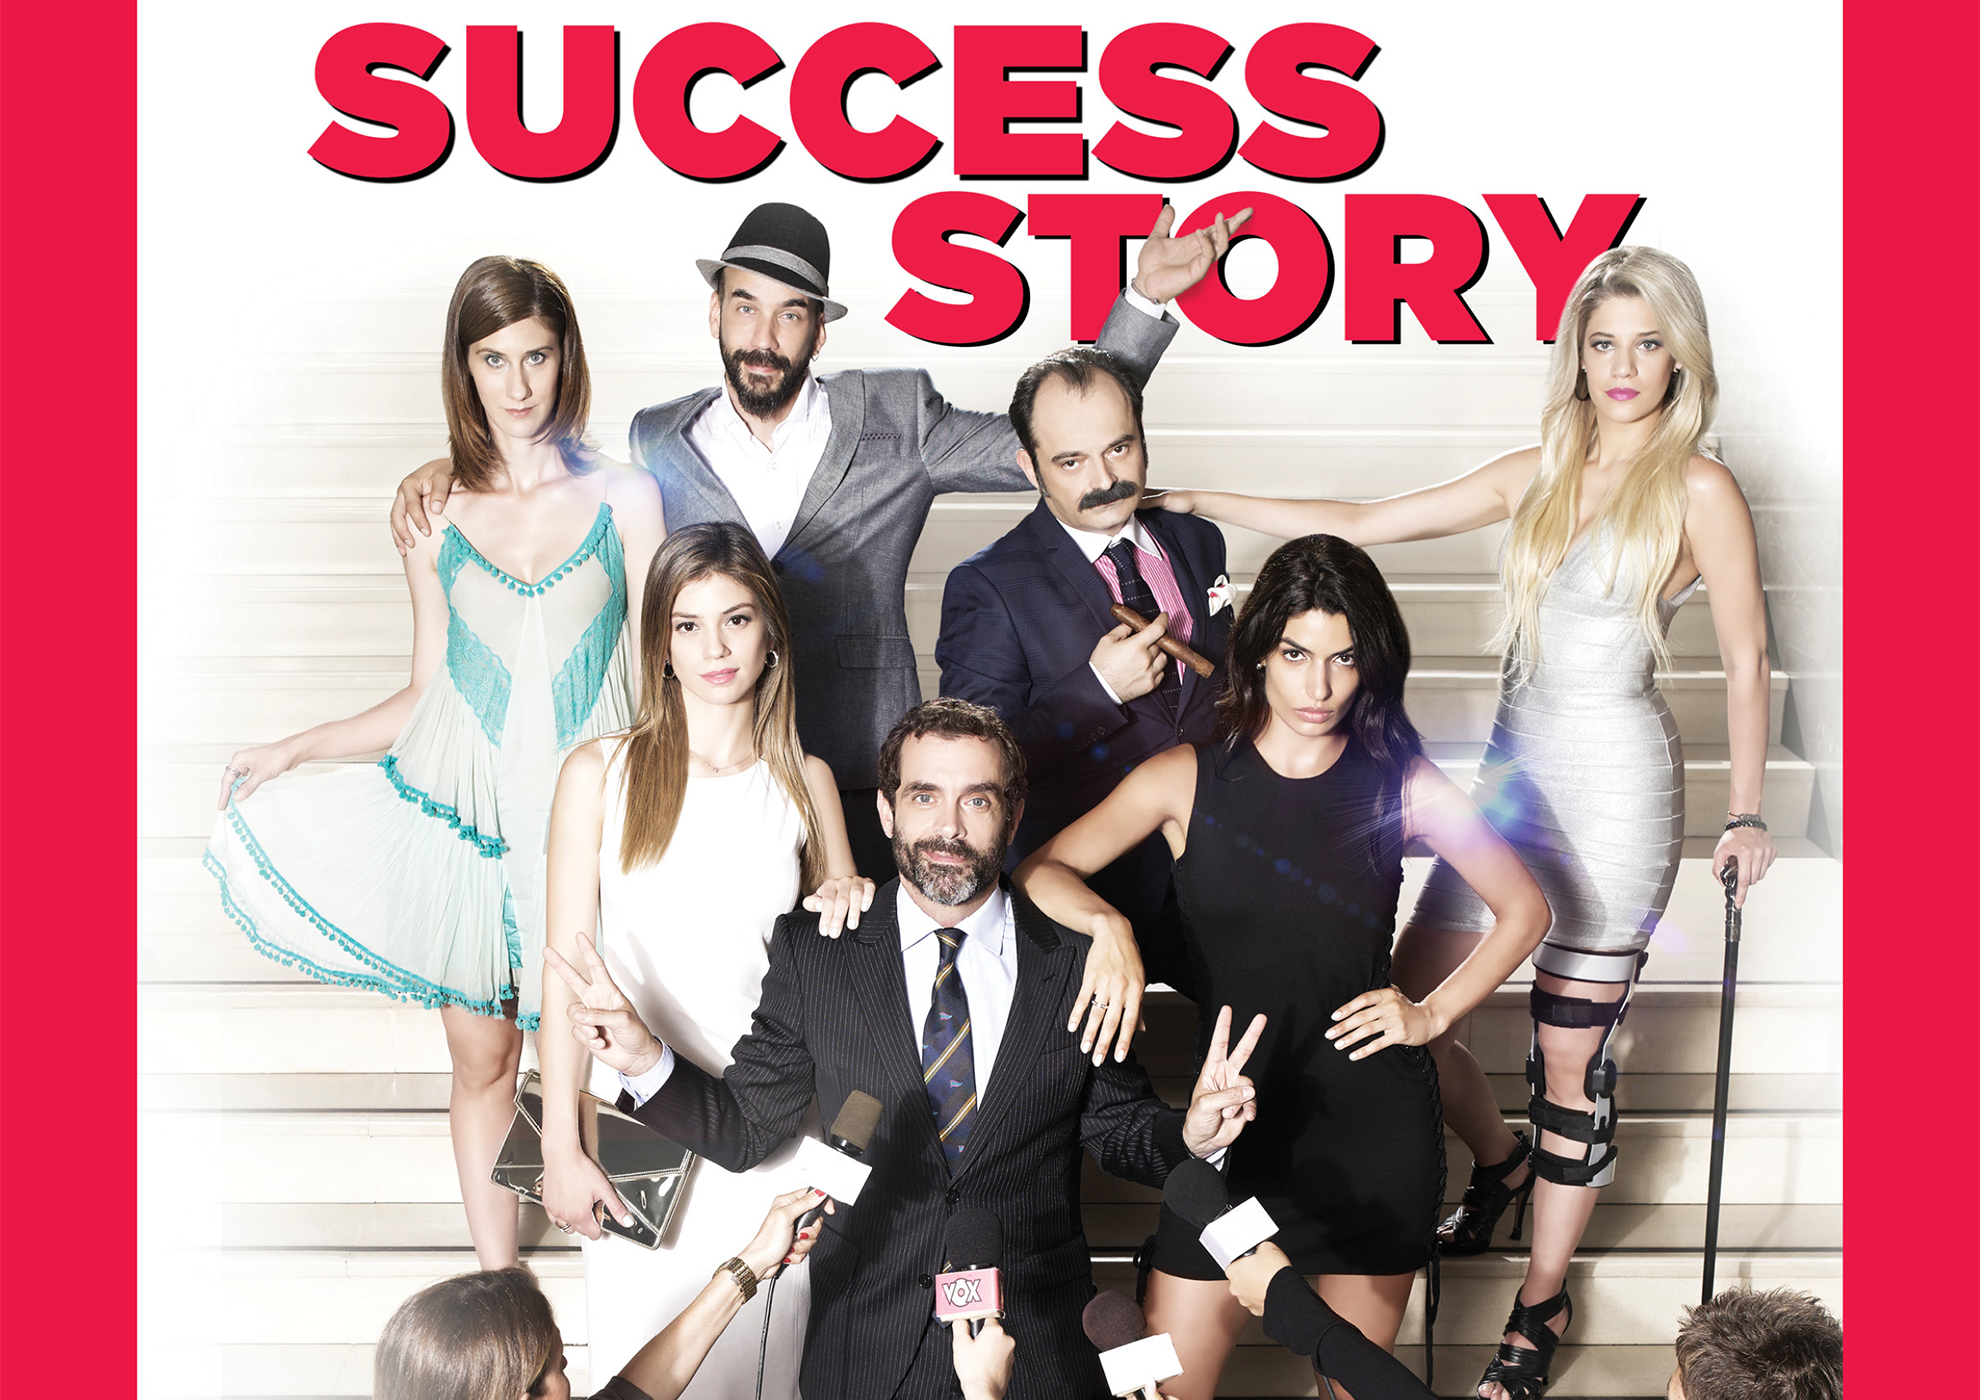 Αποτέλεσμα εικόνας για SUCCESS STORY ταινία